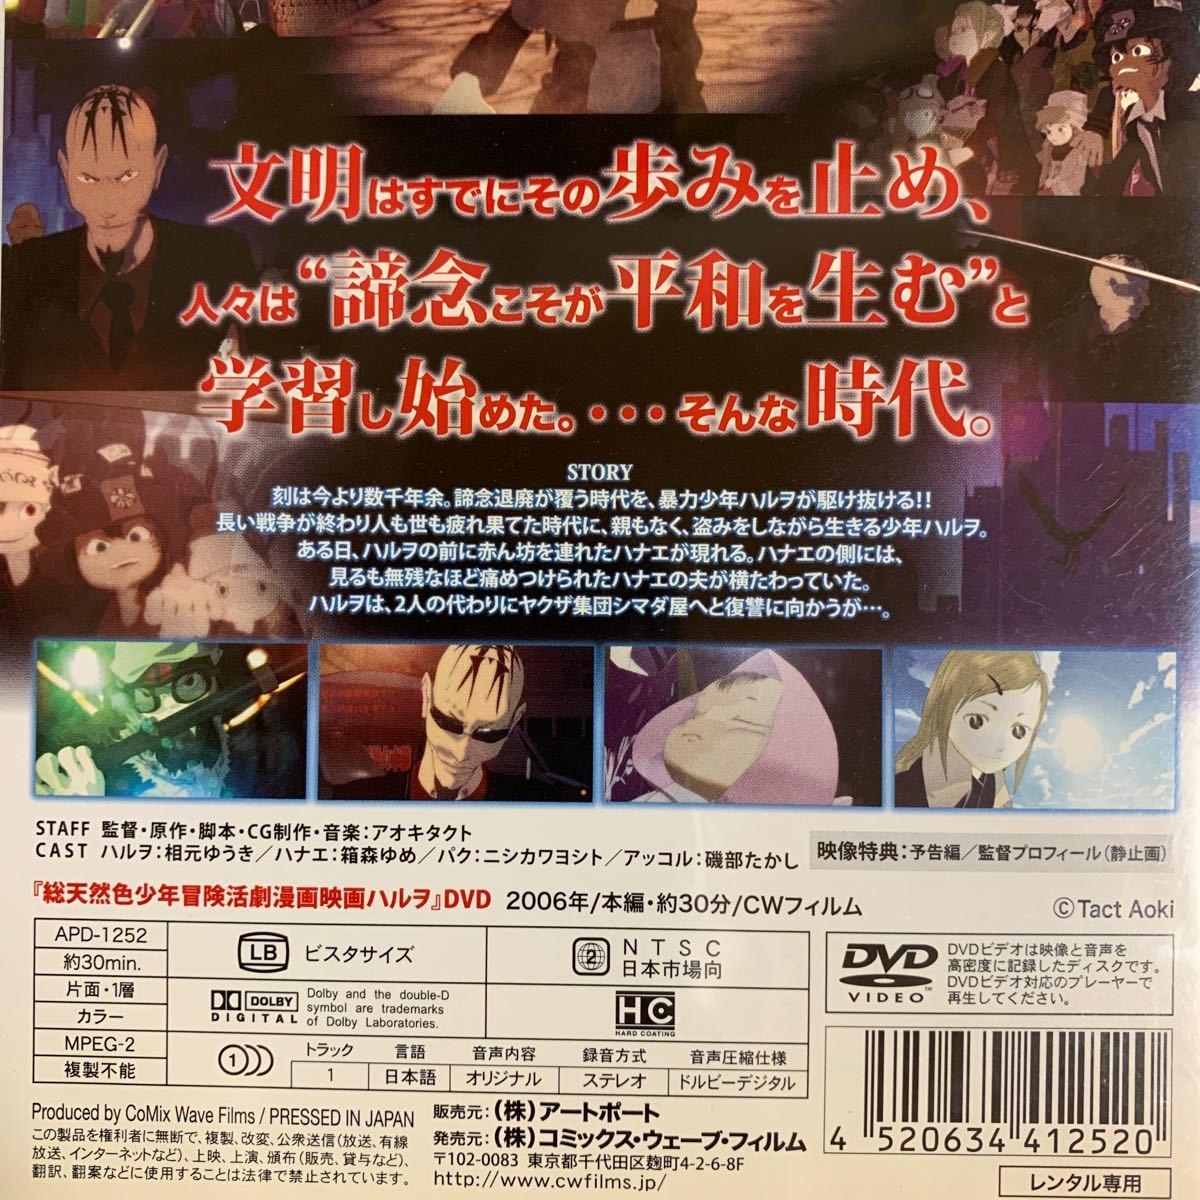 DVD 総天然色少年冒険活劇漫画映画 ハルヲ レンタル落ち